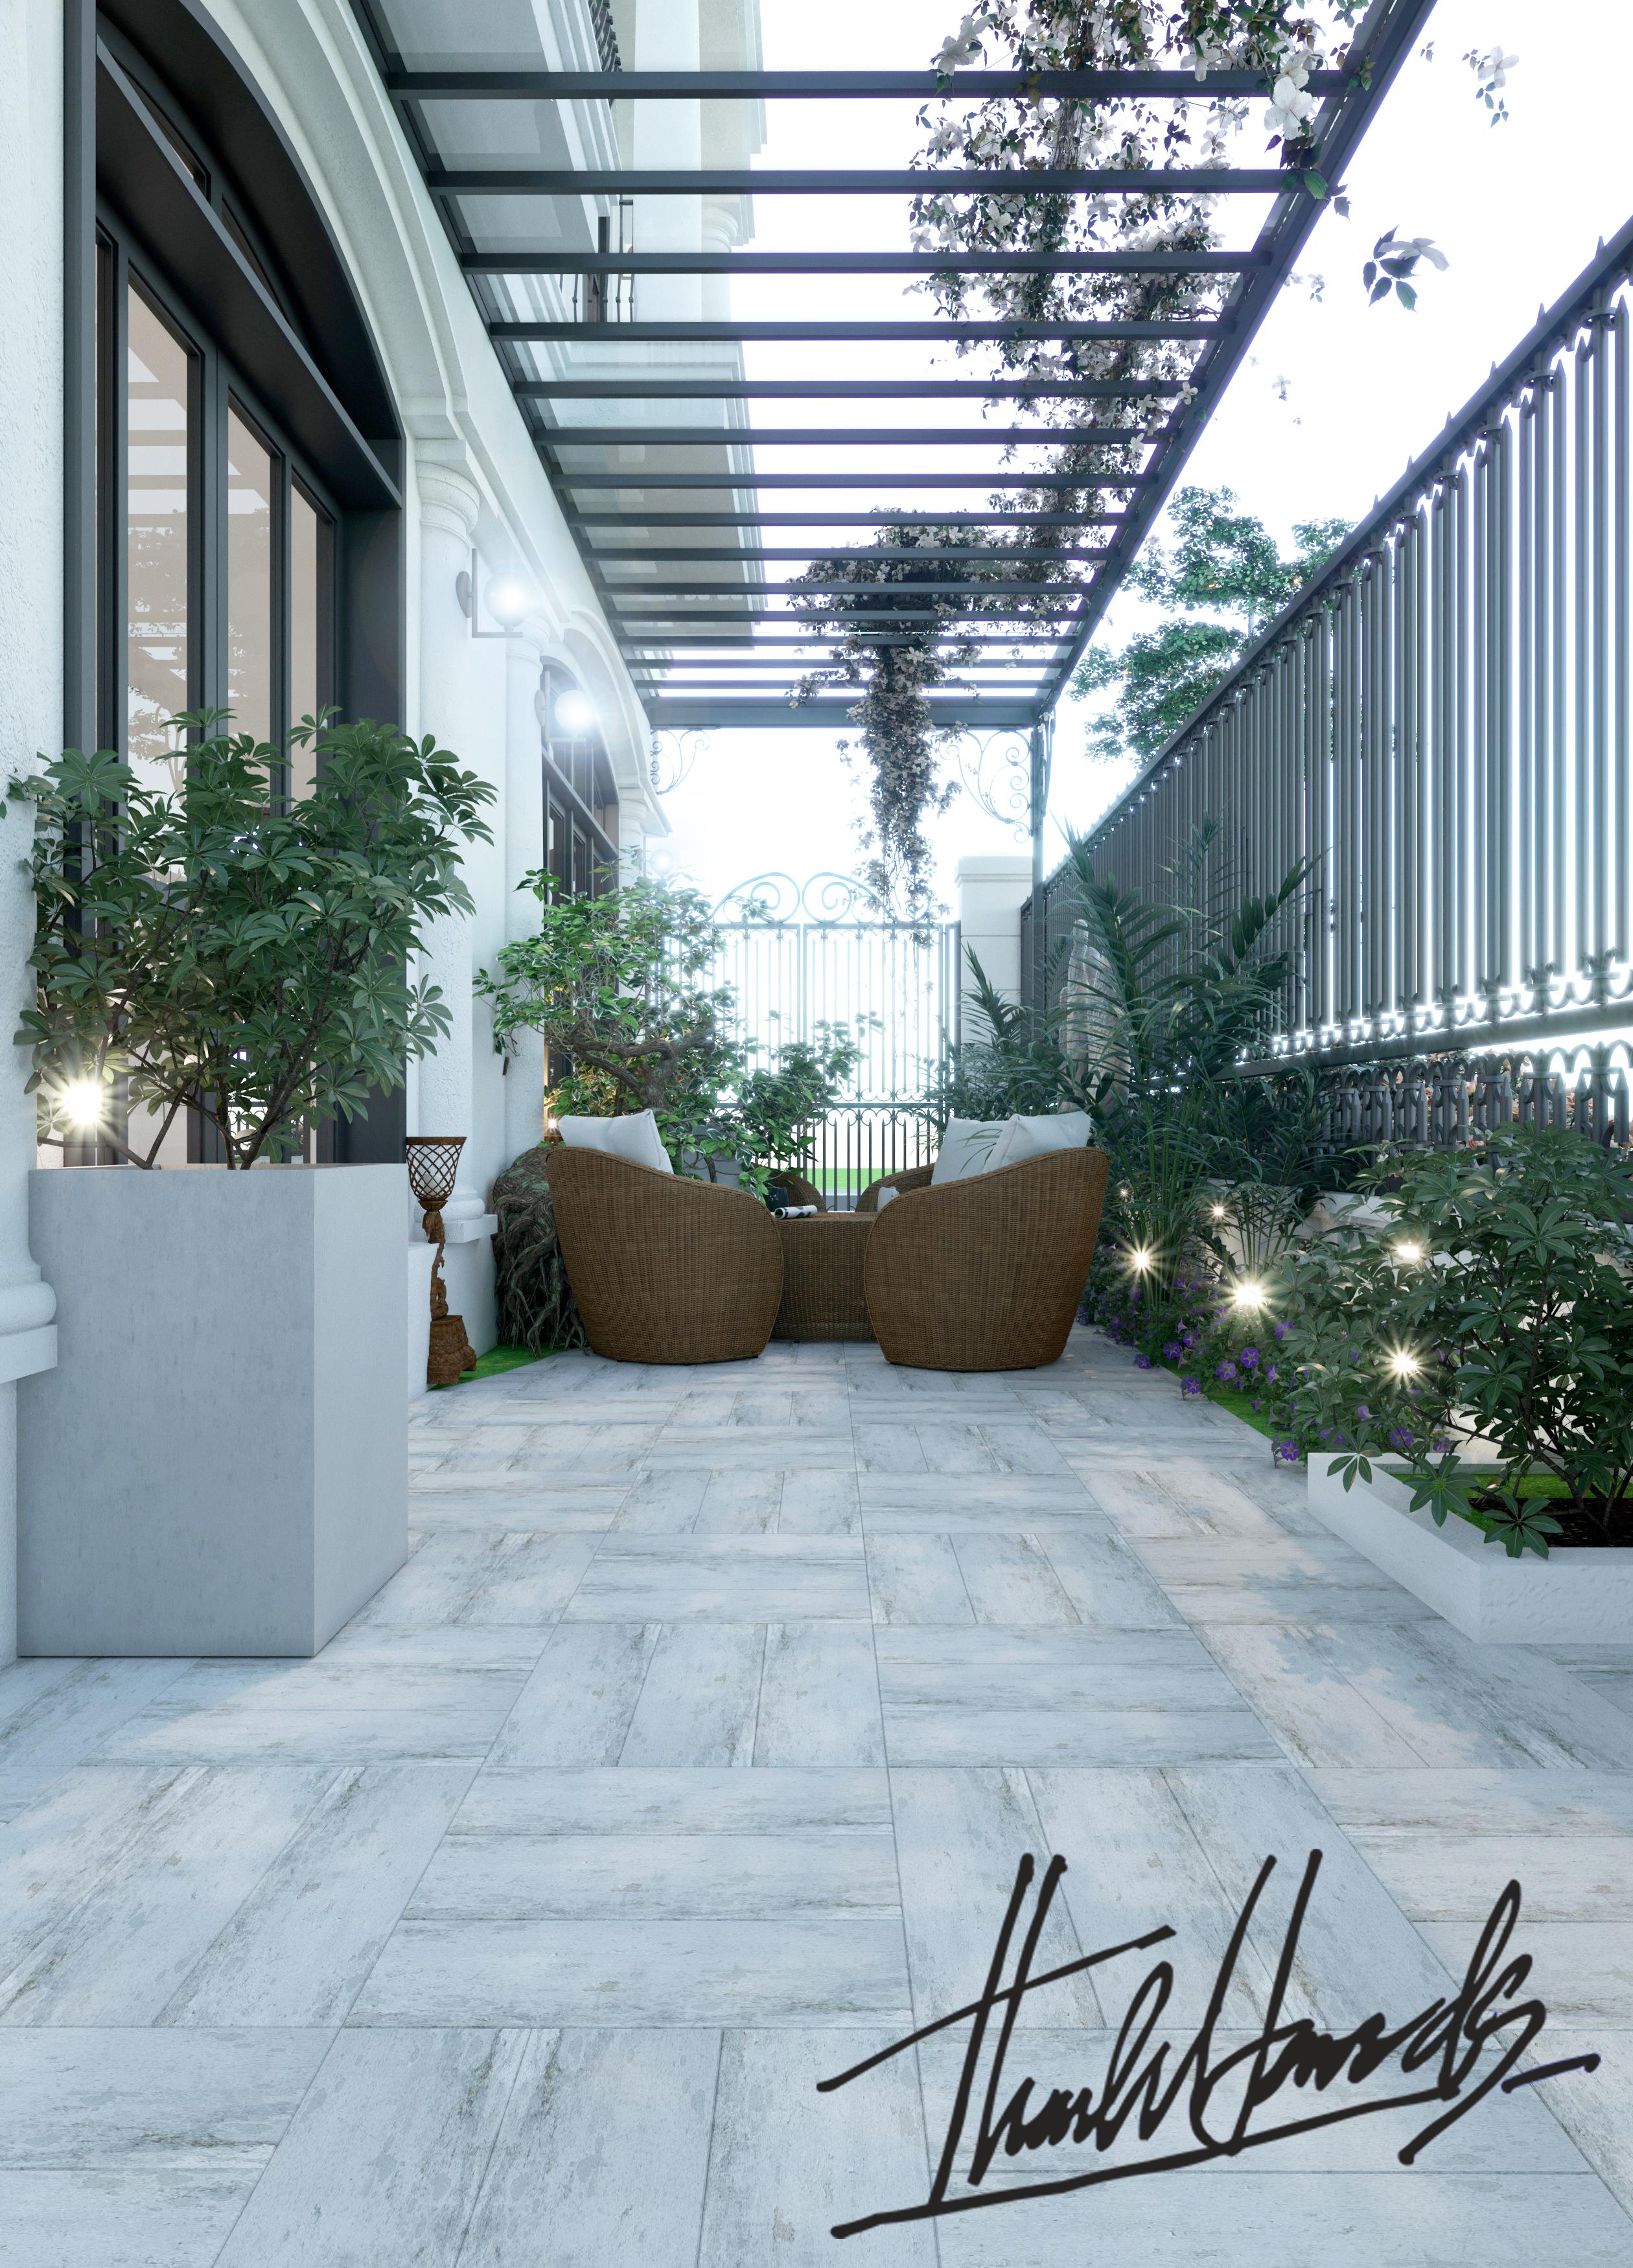 thiết kế nội thất Biệt Thự tại Hải Phòng Biệt thự Vinhomes - imperia ( khu VEN) 4 1568278773